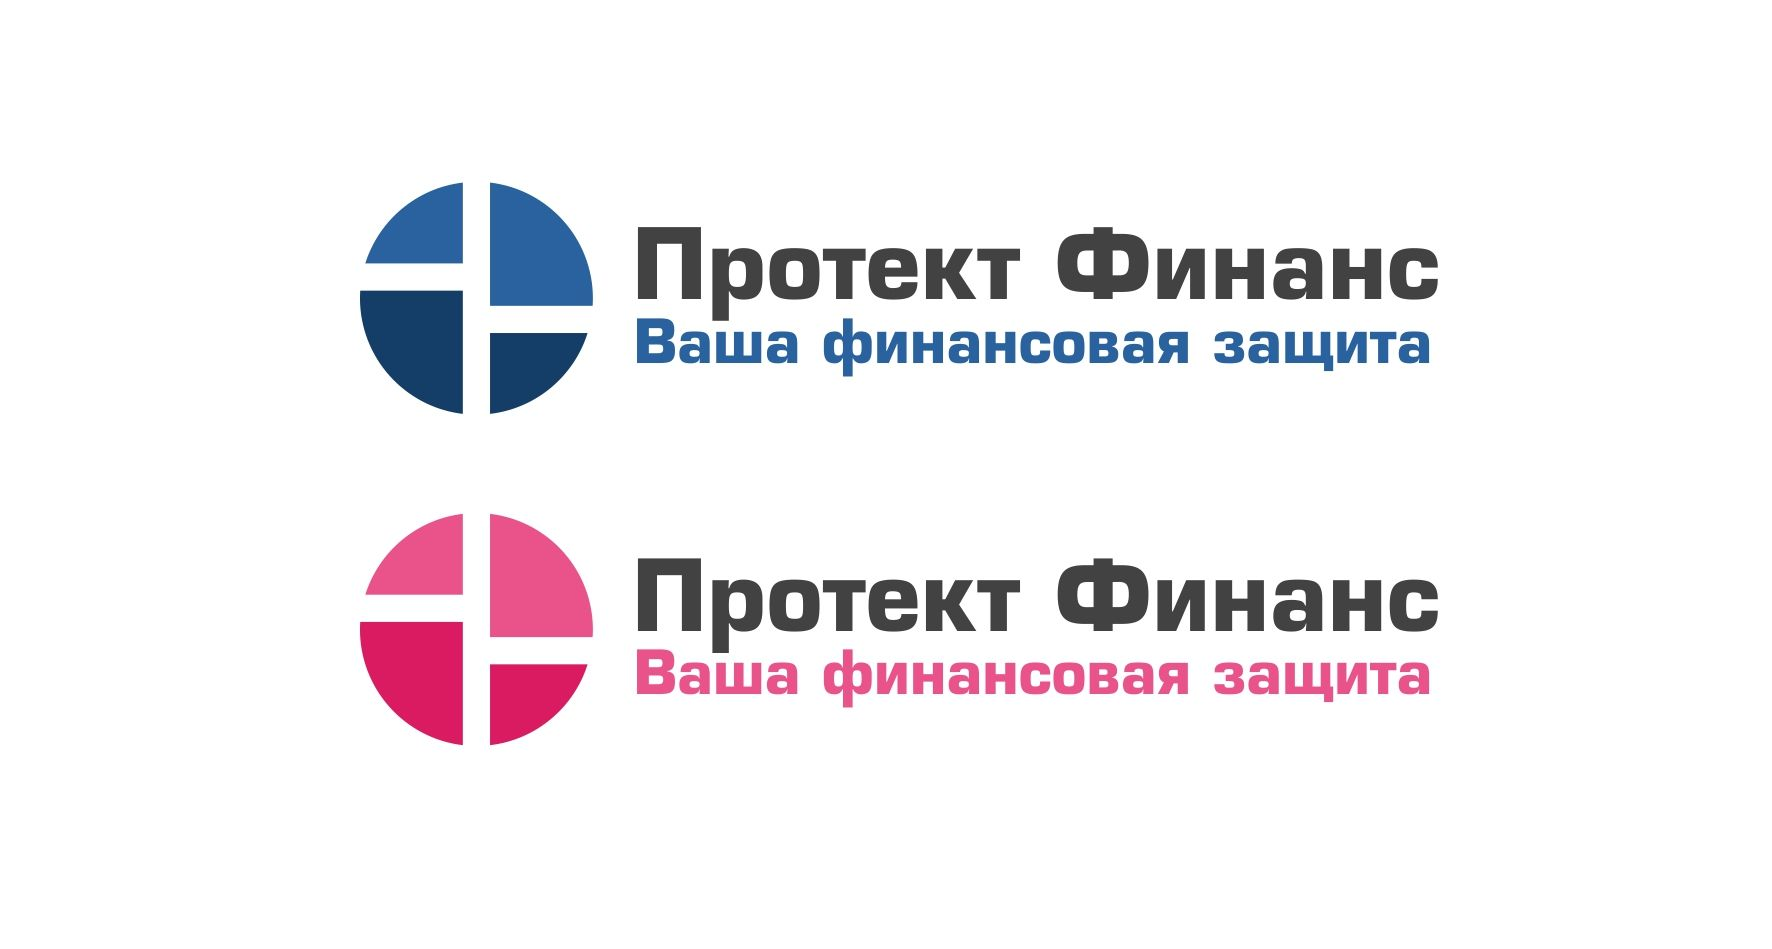 Фирм.стиль для ООО МФО «Протект Финанс» - дизайнер Bes55ter